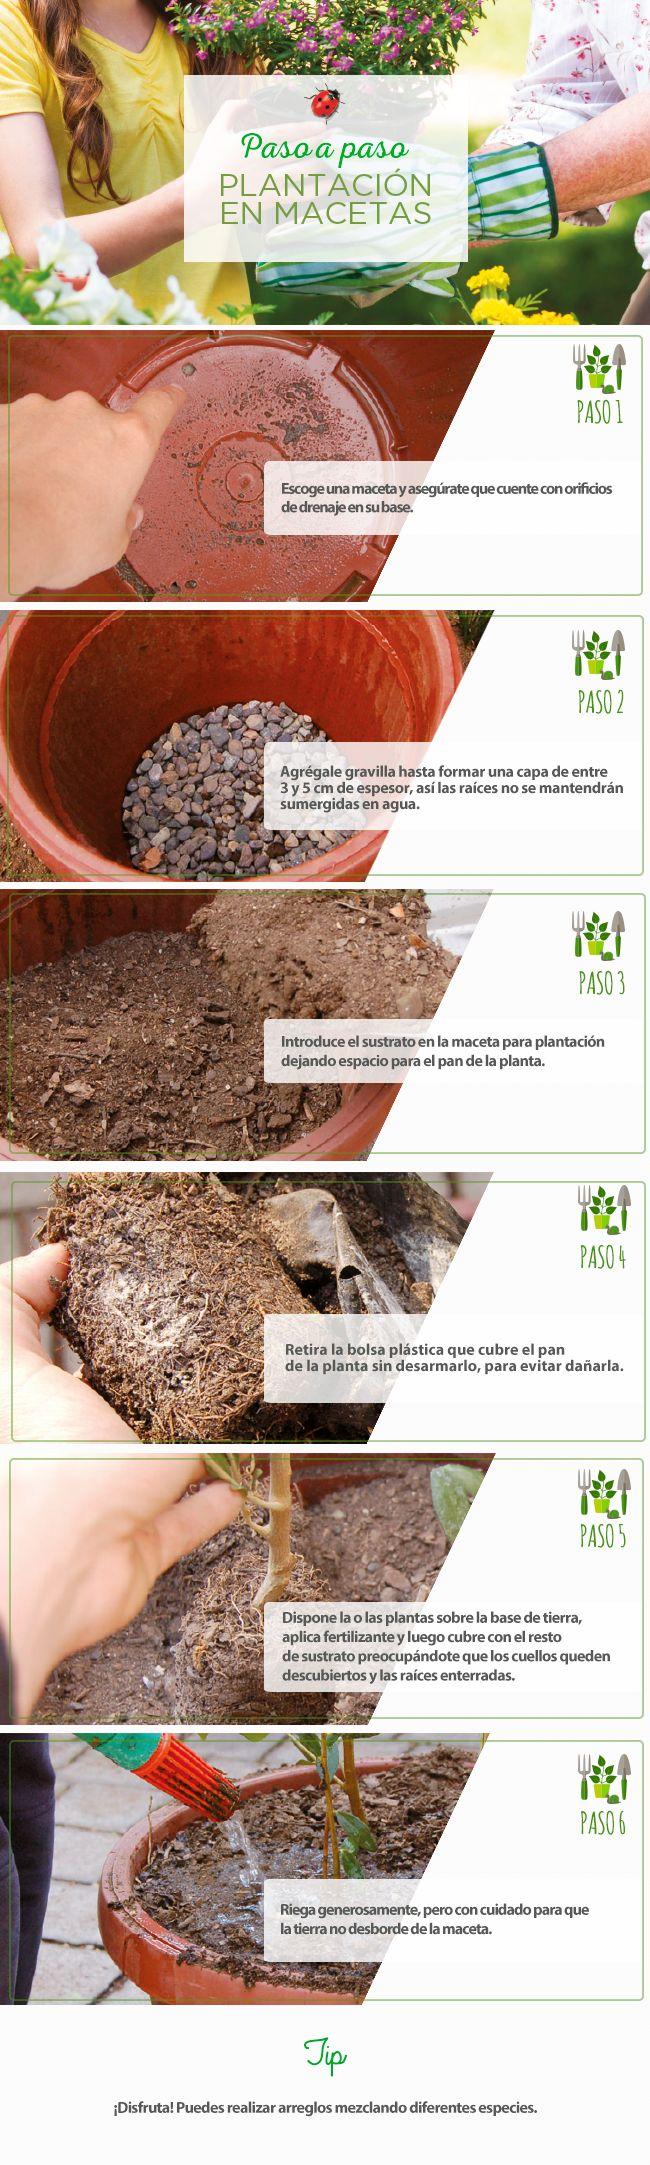 Plantación en macetas #Jardín #PasoAPaso #Flores